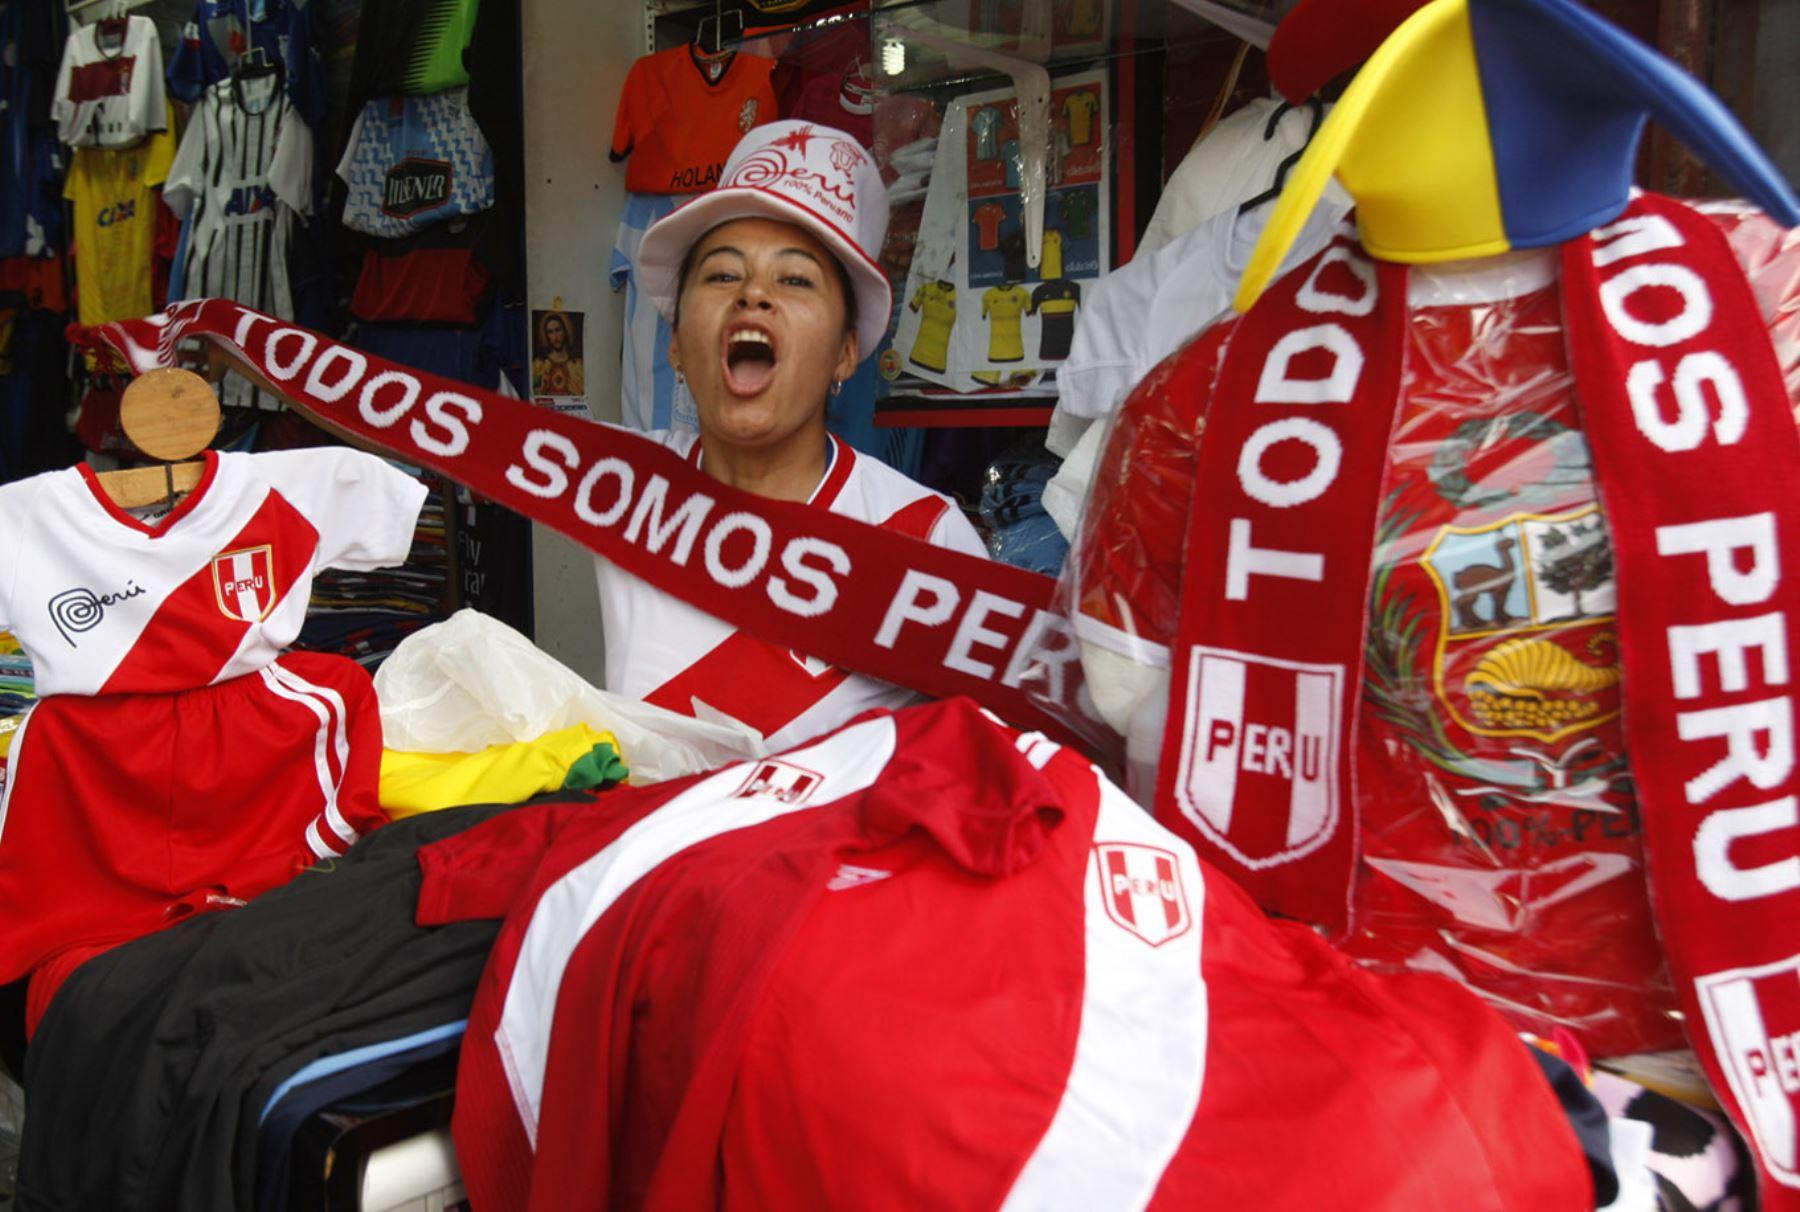 Camisetas de Perú en Gamarra